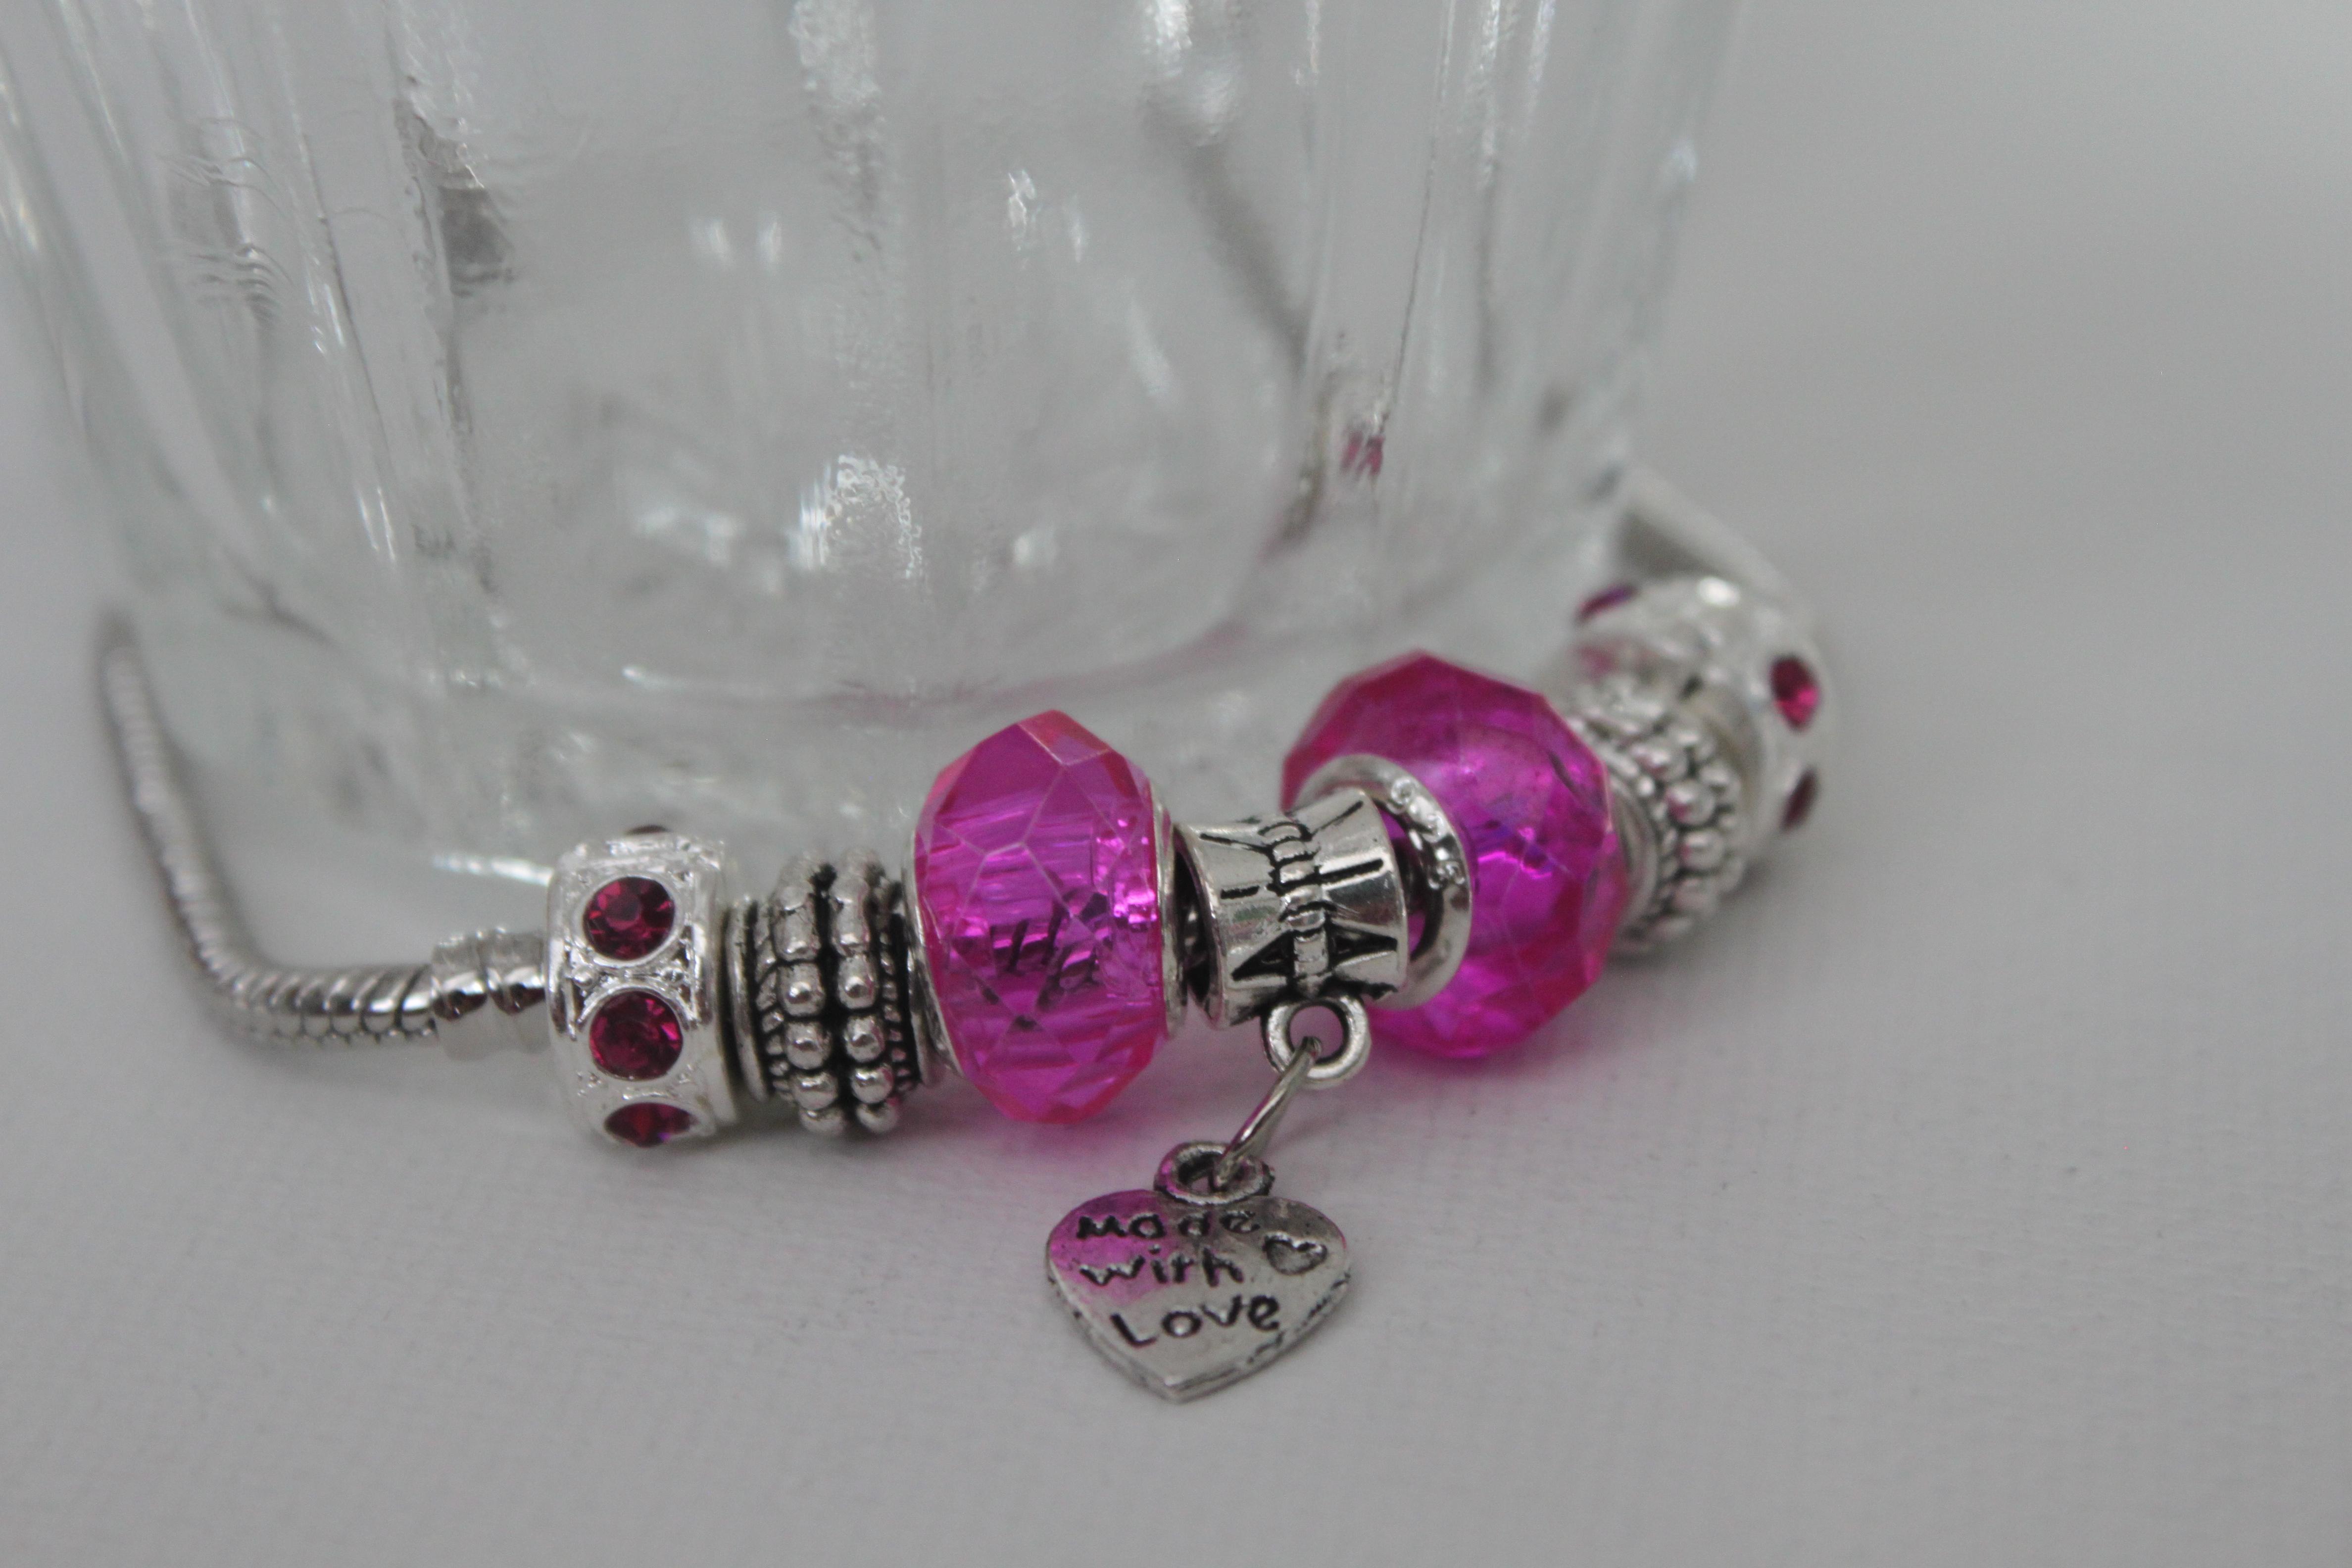 Love charm bracelet in rose tone